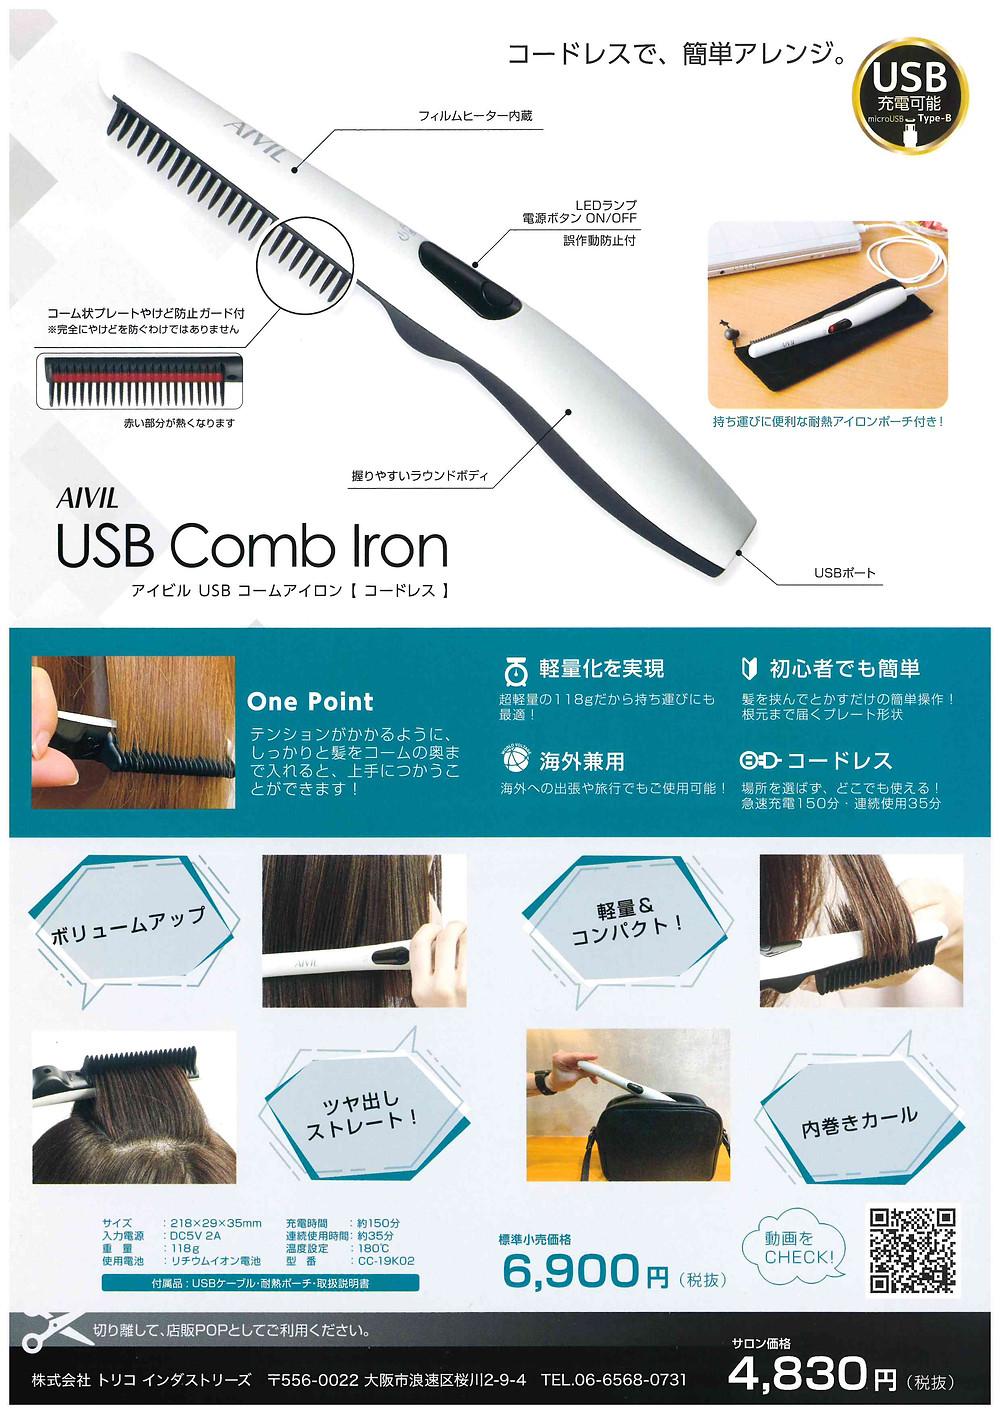 USBコームアイロン